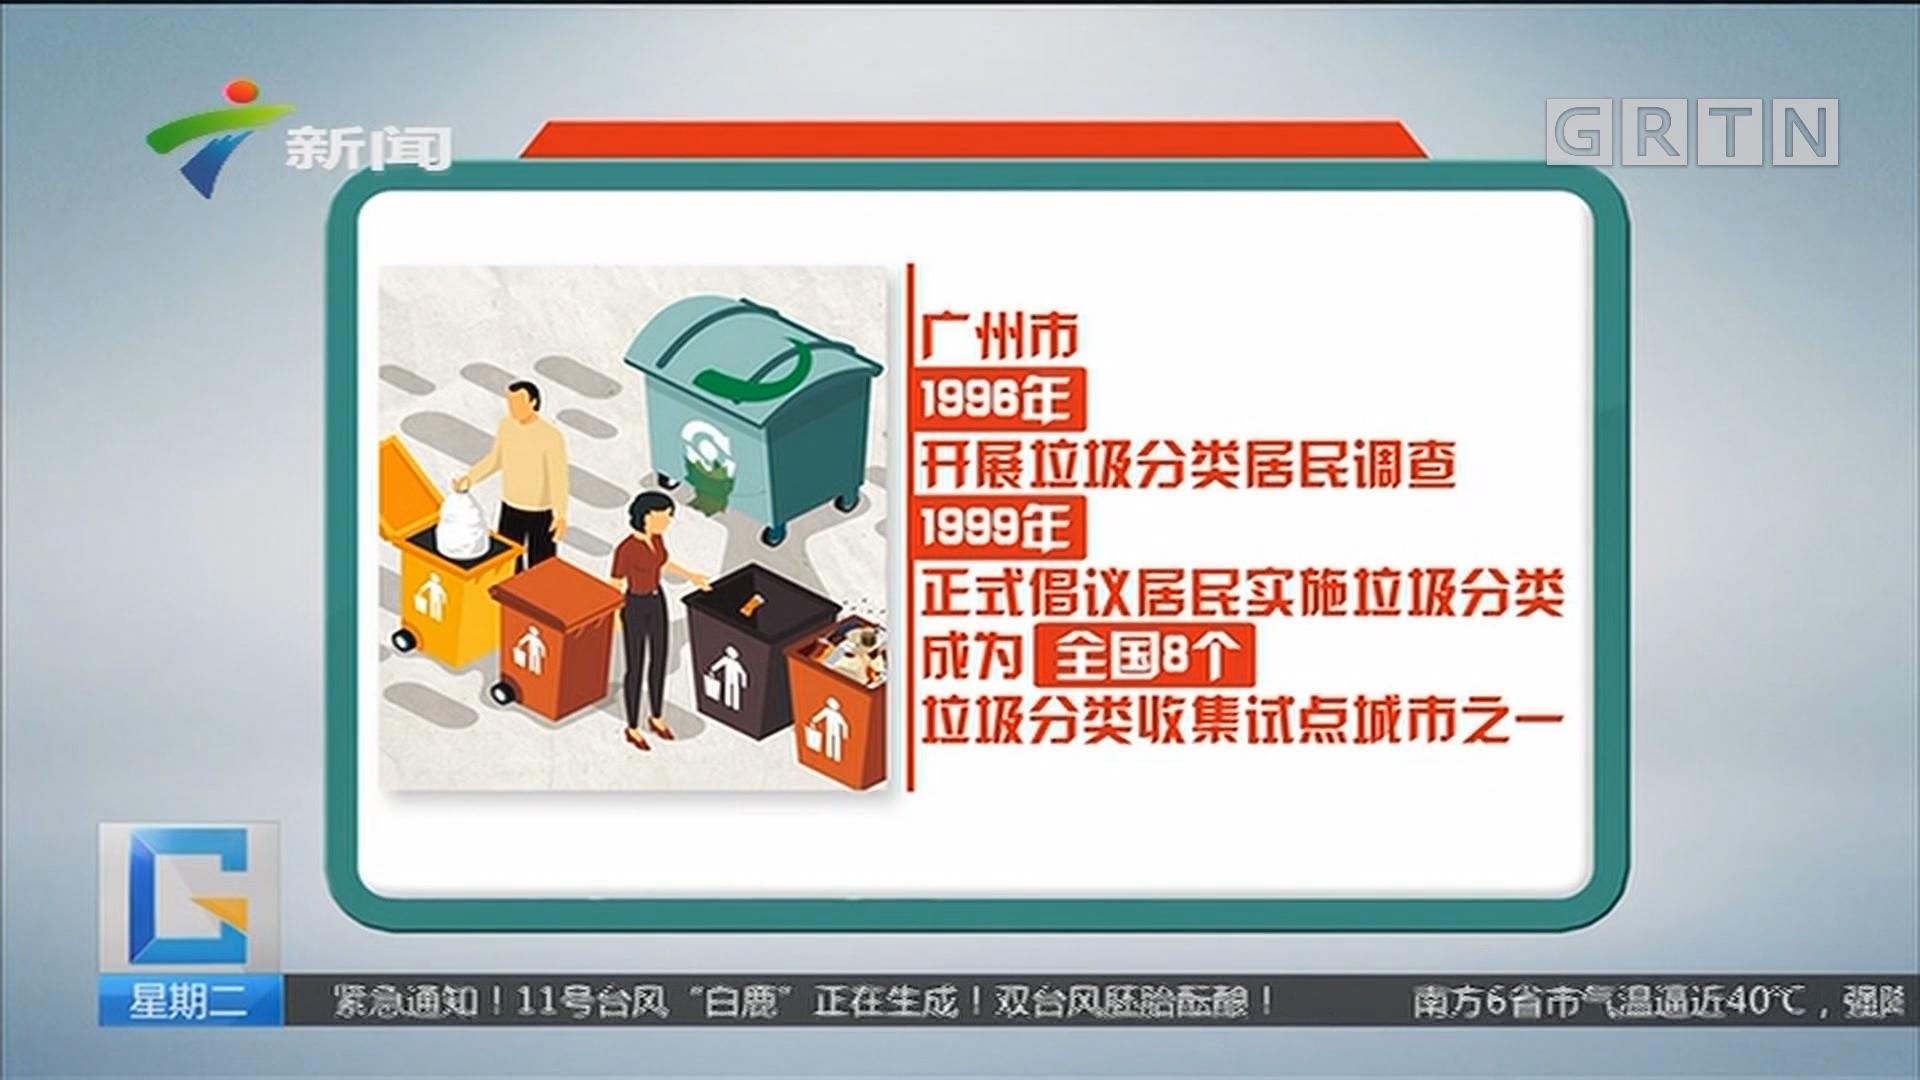 广州:垃圾分类 广州曾先行一步